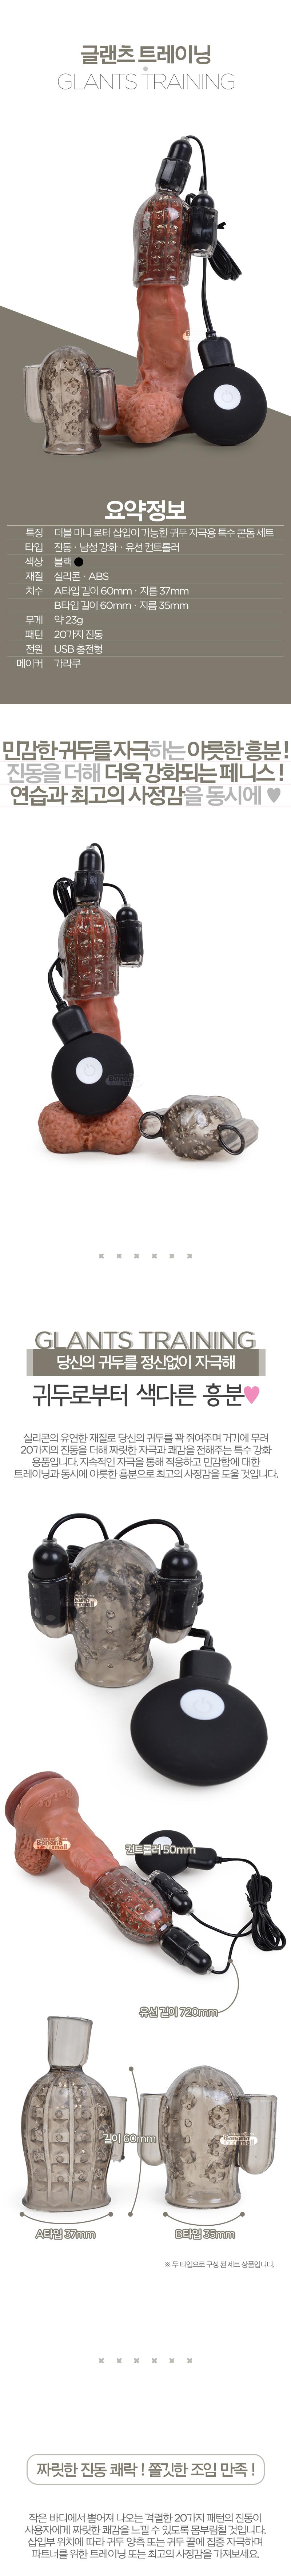 [남성 강화+20단 진동] 글랜츠 트레이닝(Glants Training)